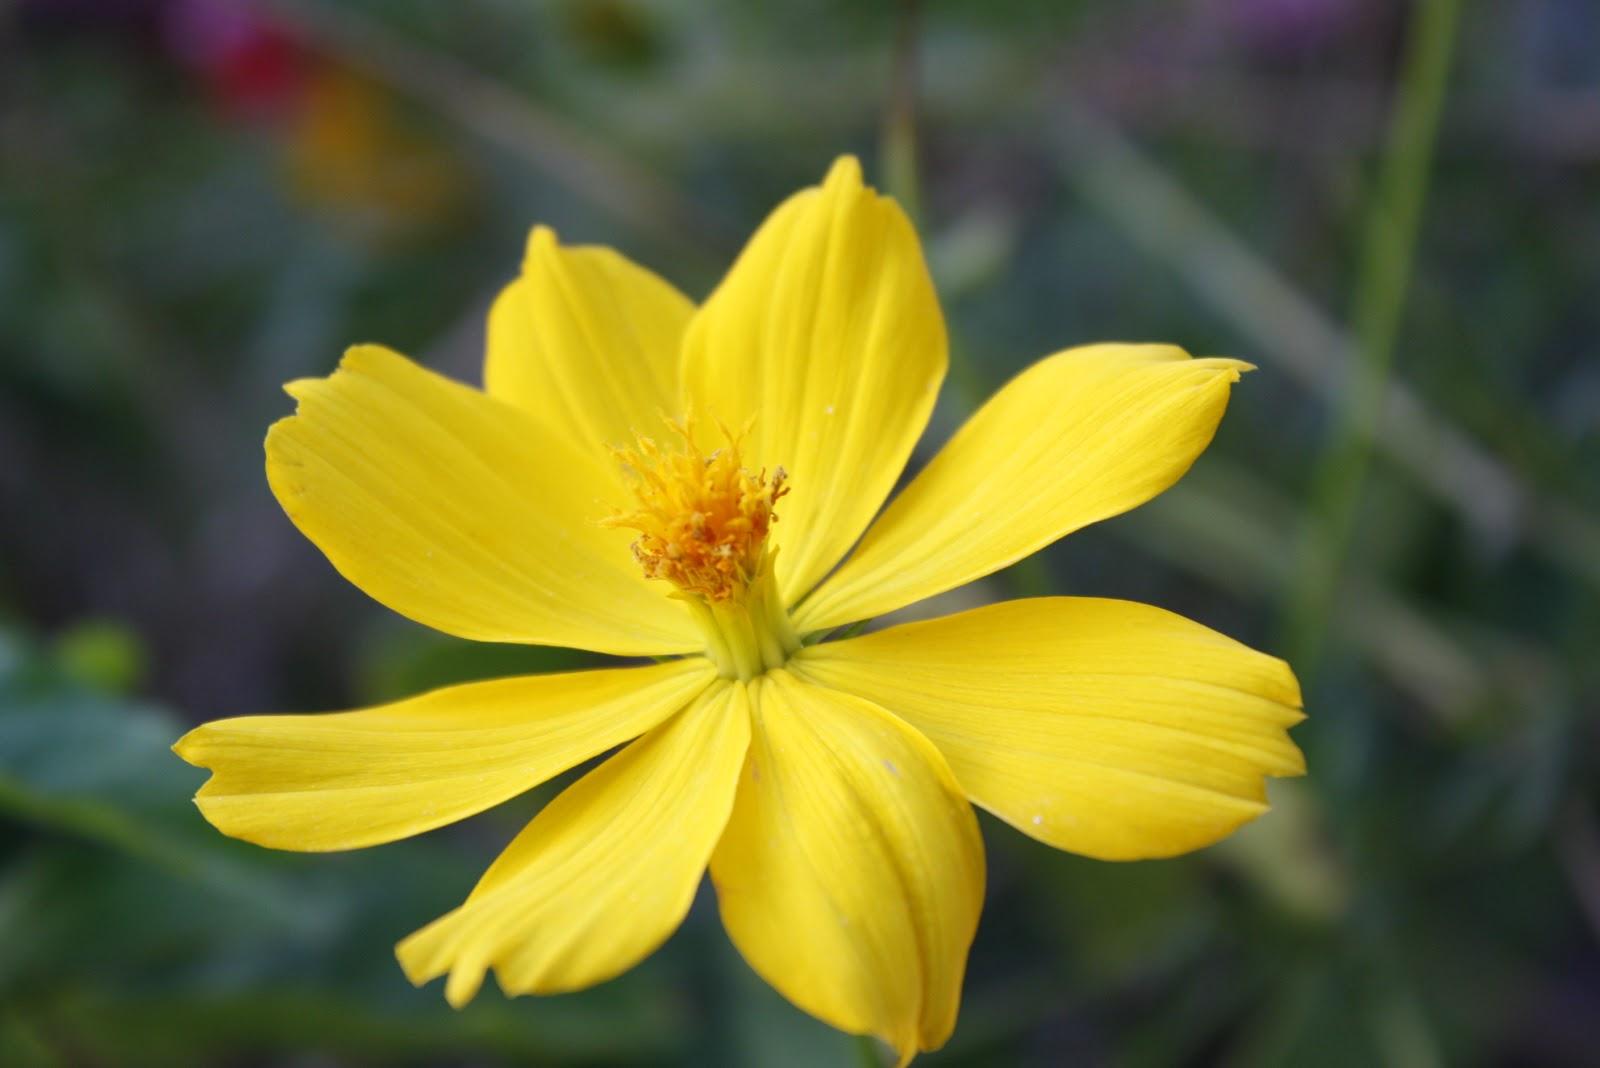 gambar dan nama latin tanaman hias hortikultura gambar